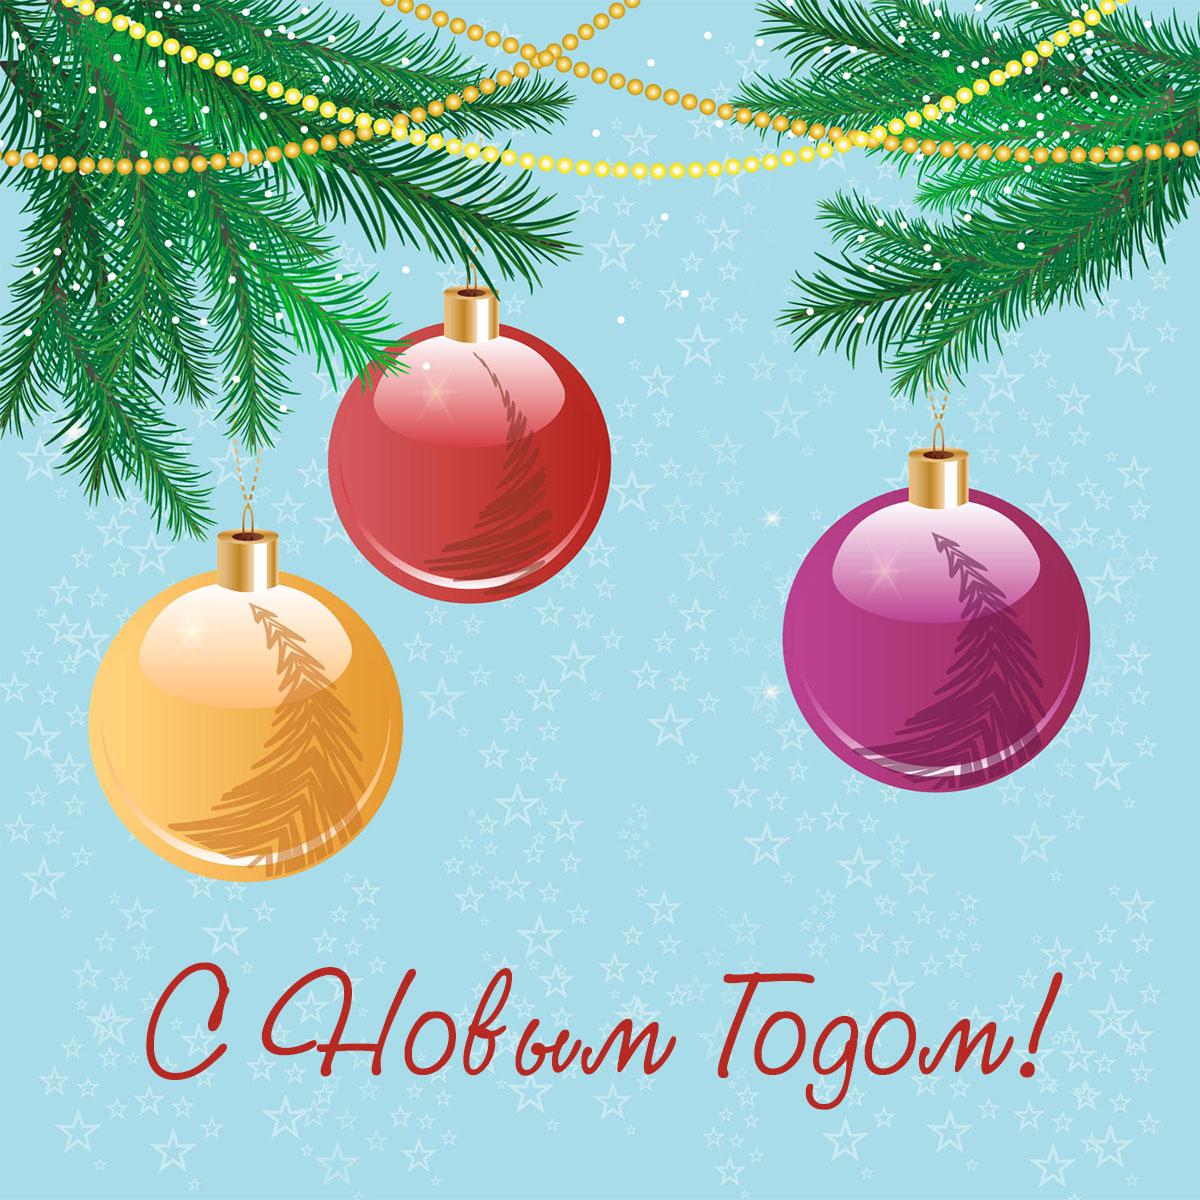 Картинка в стиле ретро под новогодние открытки с рождественскими украшениями и еловыми ветками на голубом фоне со звёздами.